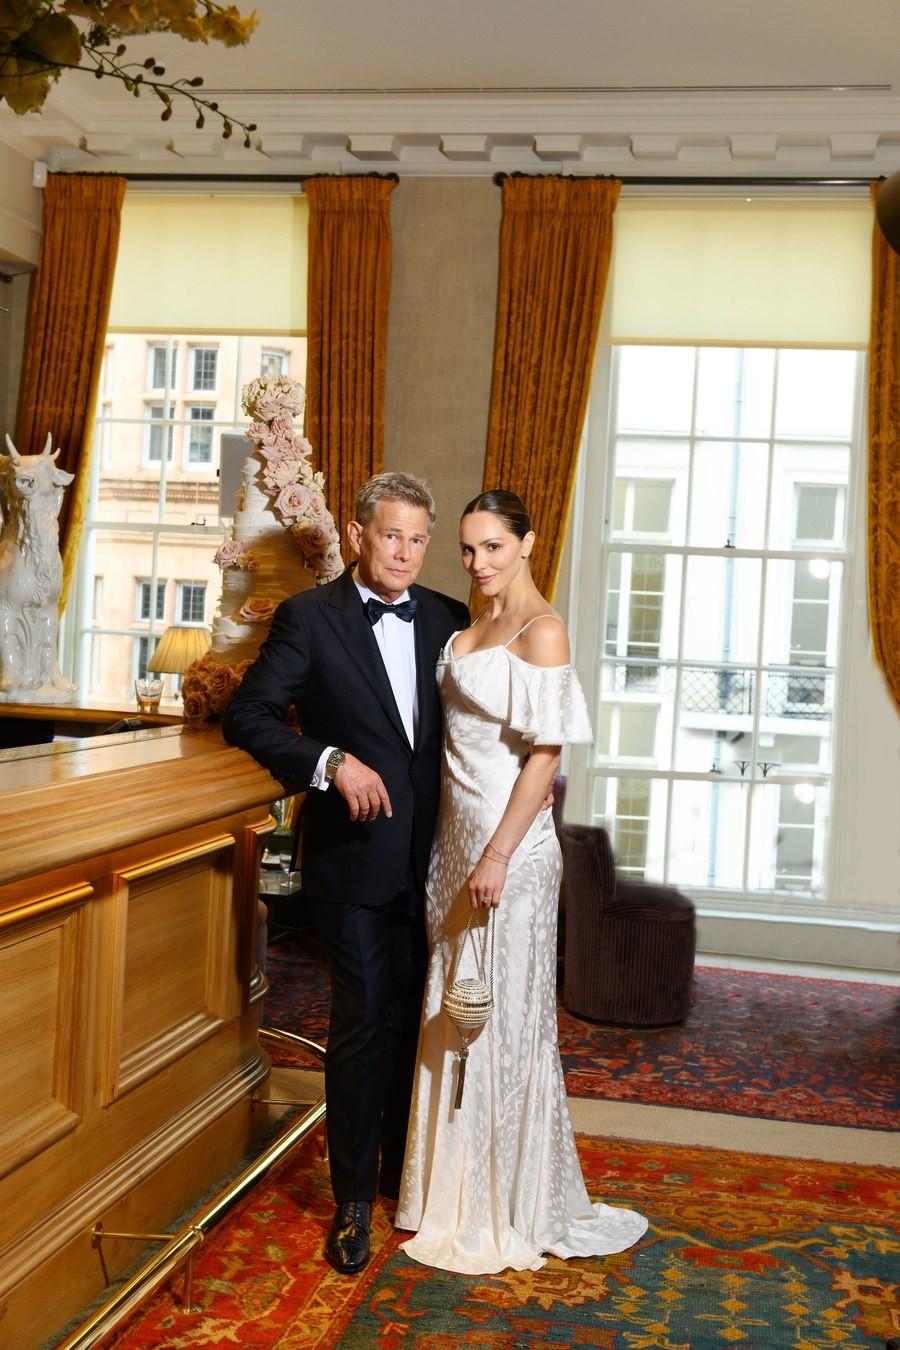 katharine-mcphee-wedding-reception-dress-style-rave